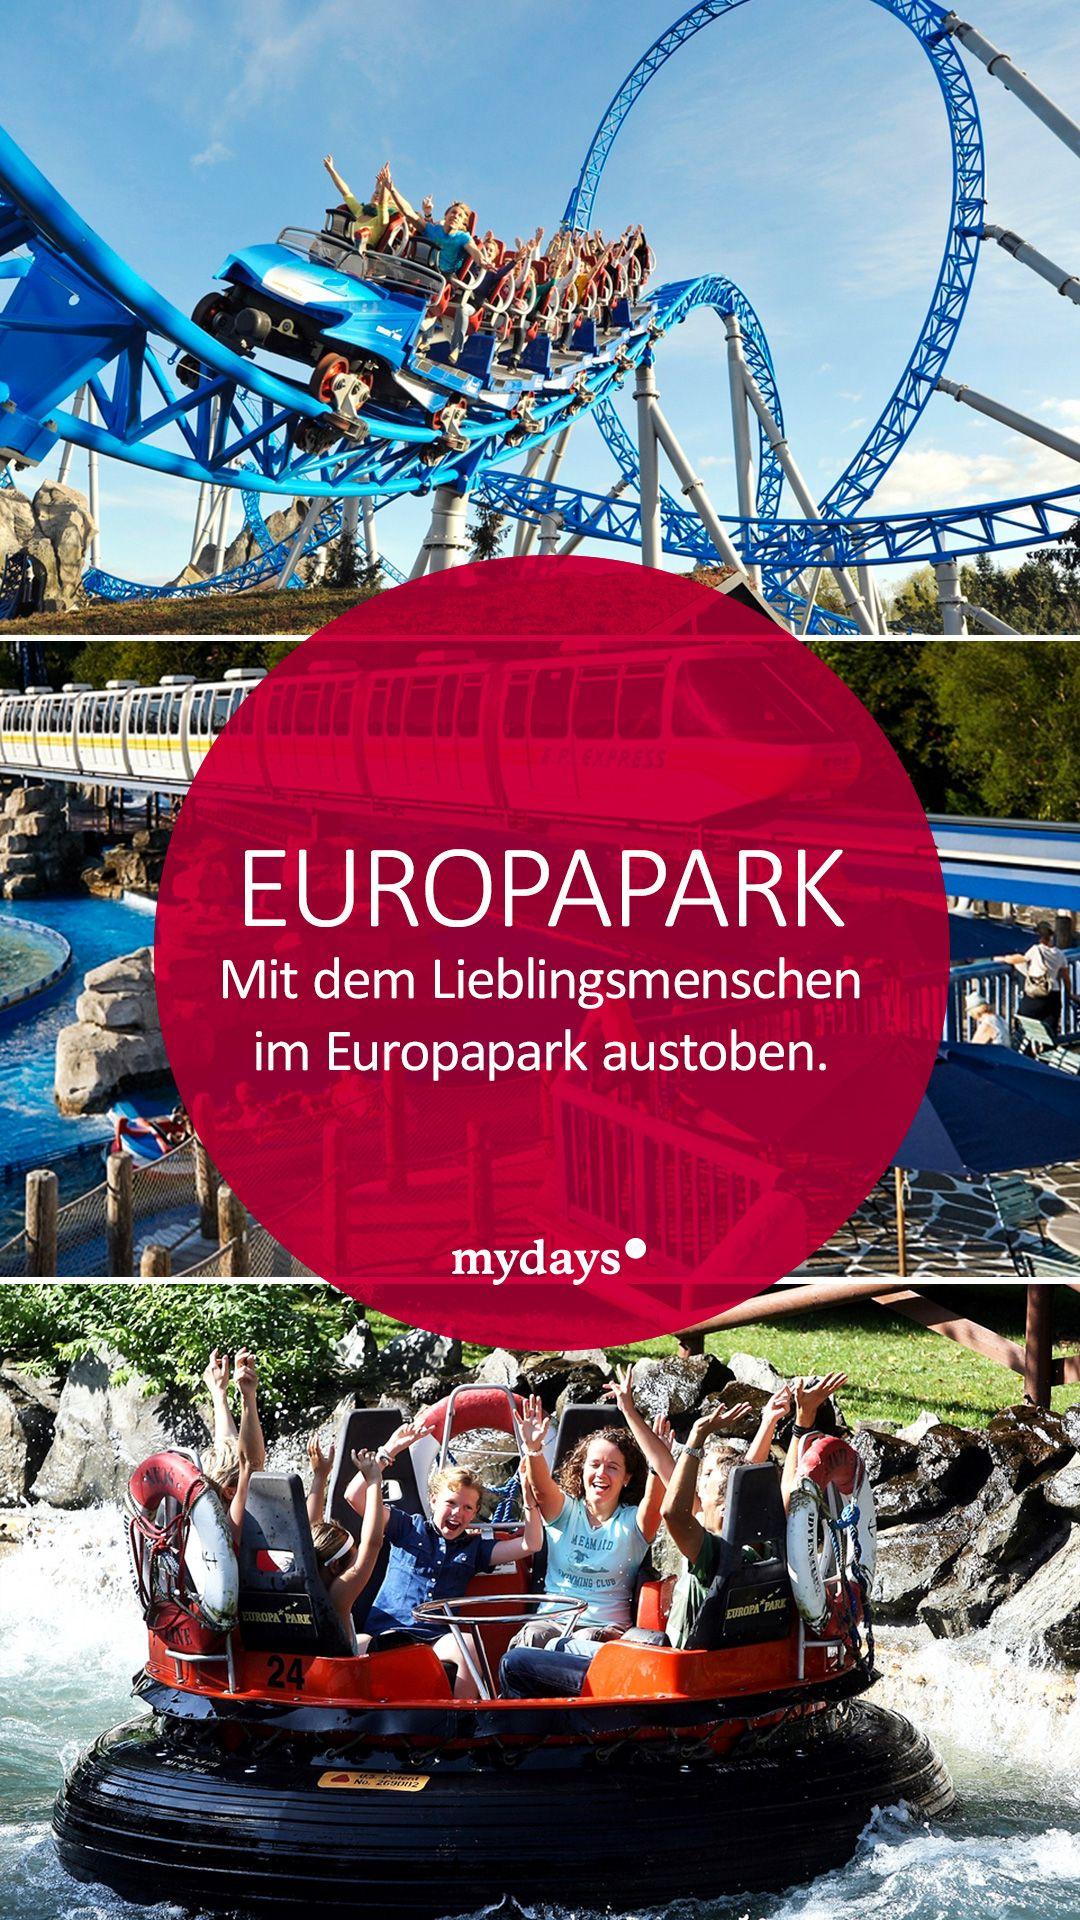 Freizeitparks Mit Ubernachtung Rust In 2020 Europapark Rust